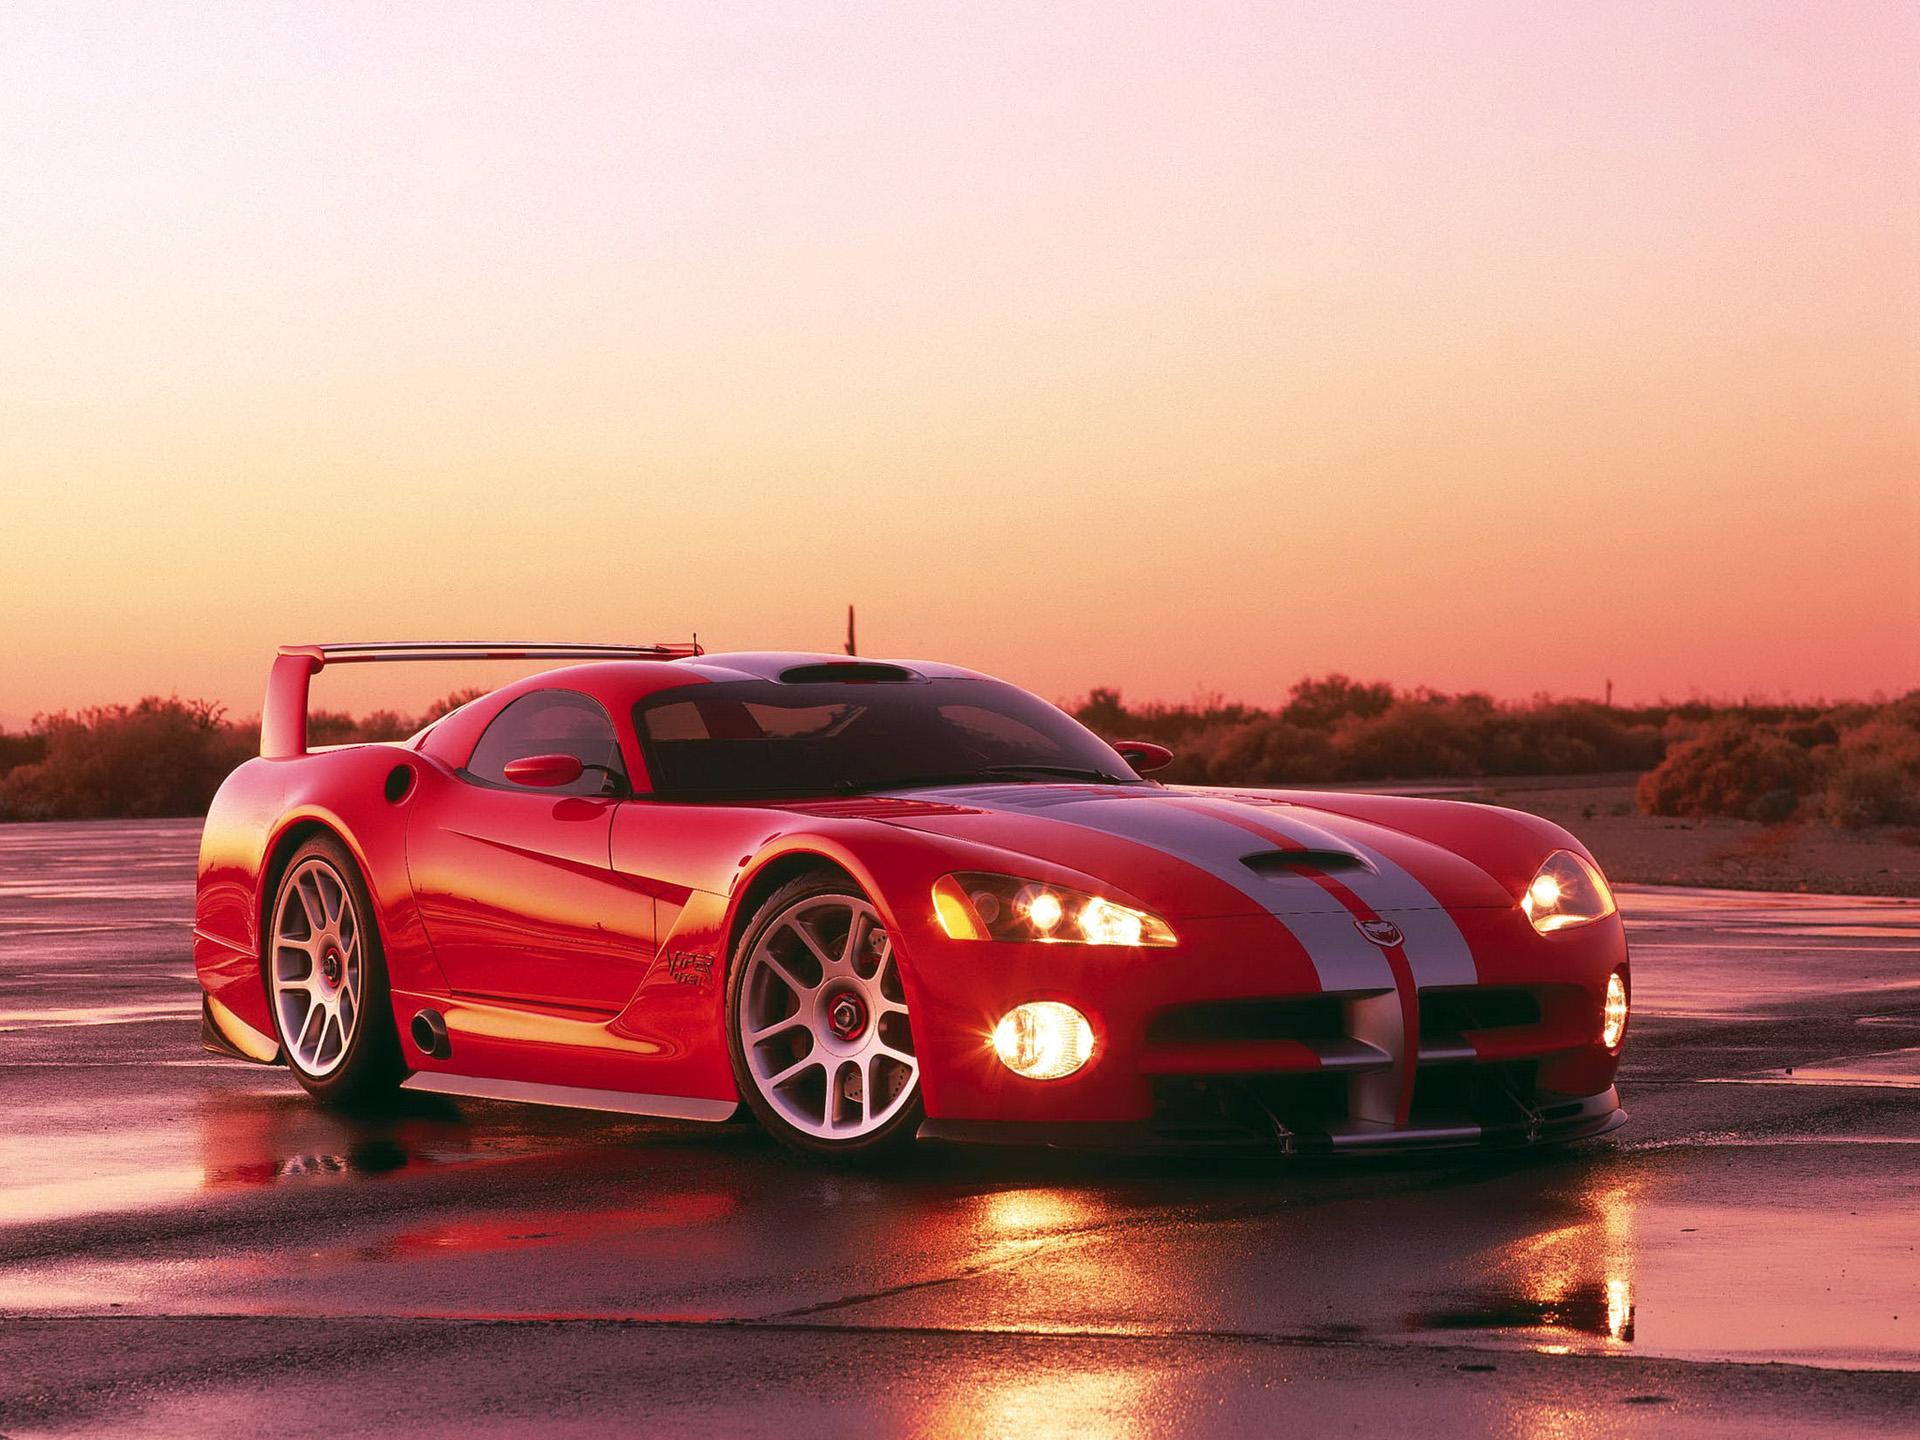 Dodge viper full hd fond d 39 cran and arri re plan for Fond ecran qhd